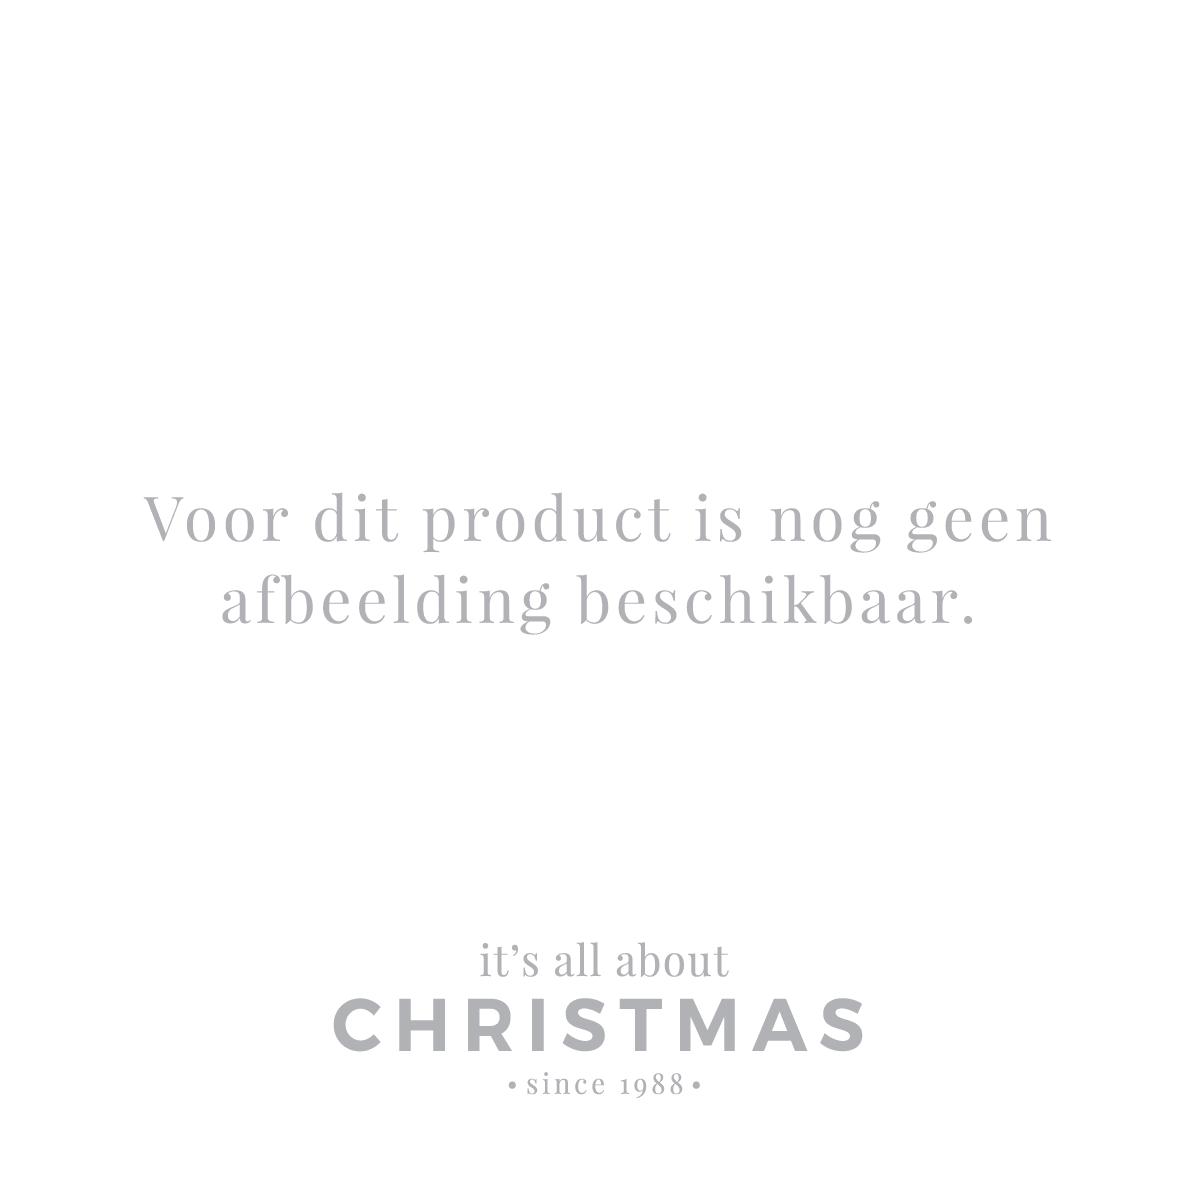 Kunststof XXXL kerstbal 25 cm teal blauw mat